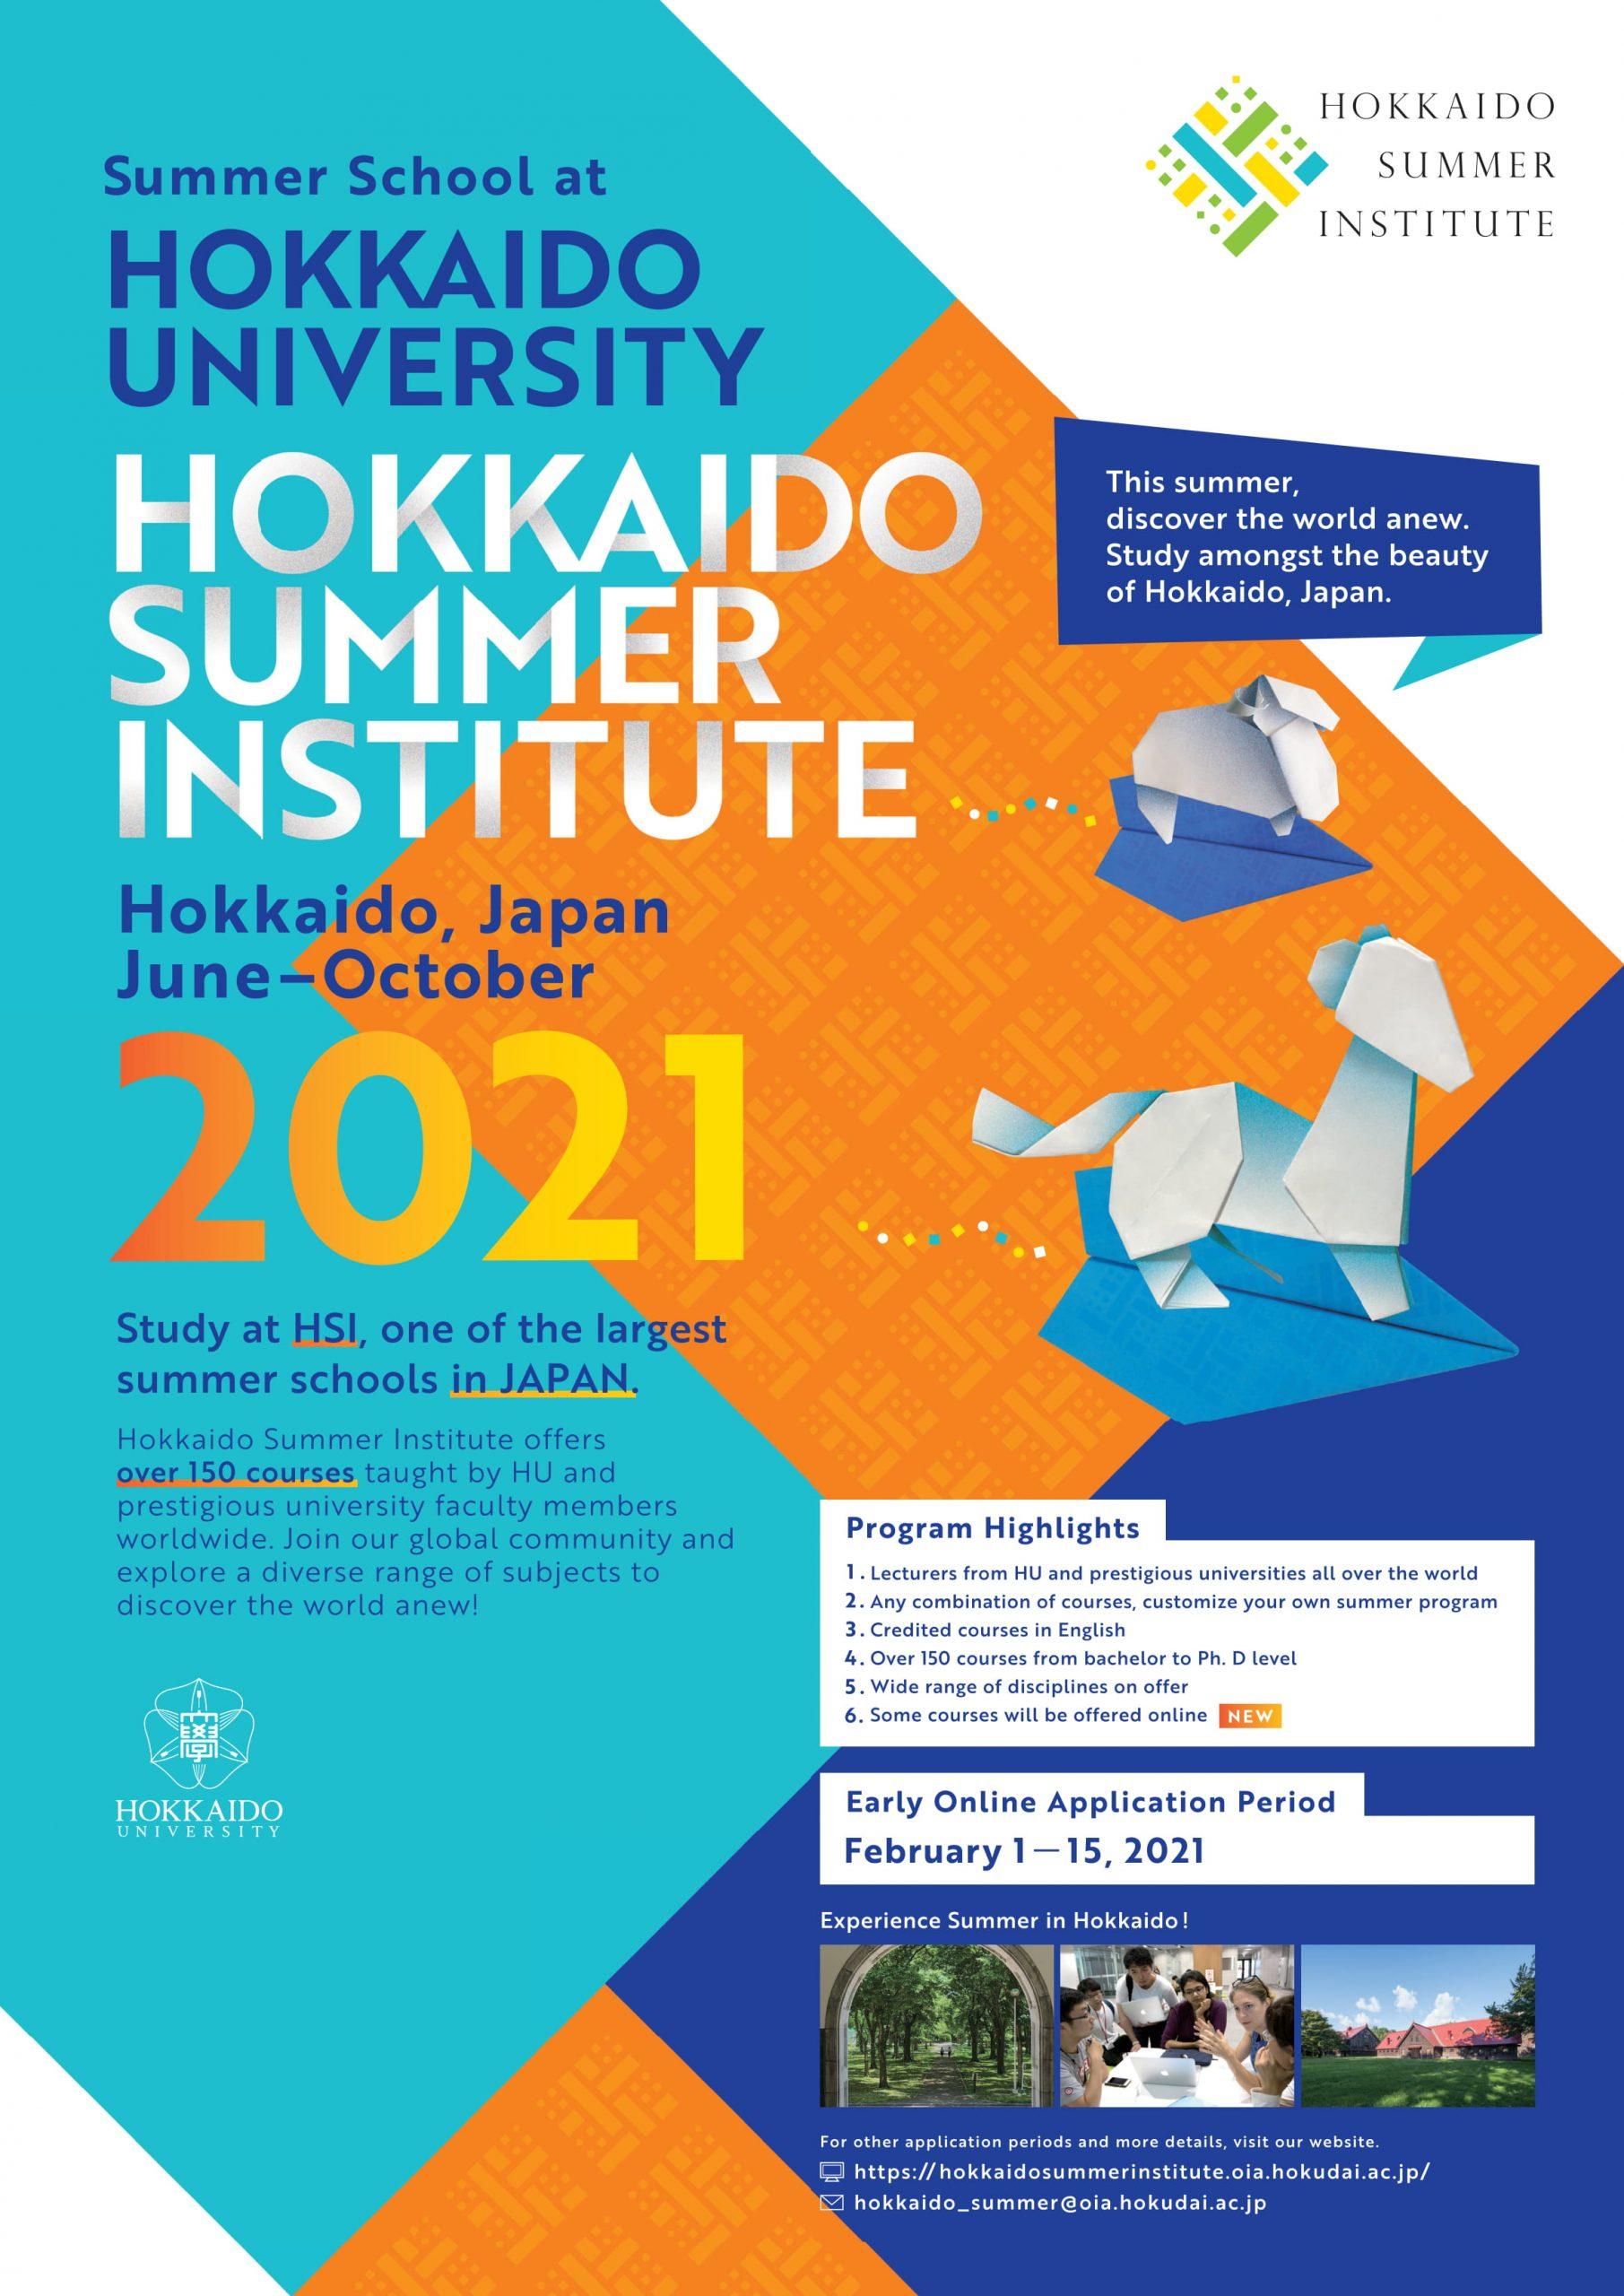 Hokkaido Summer Institute 2021 [Hokkaido University, Japan]